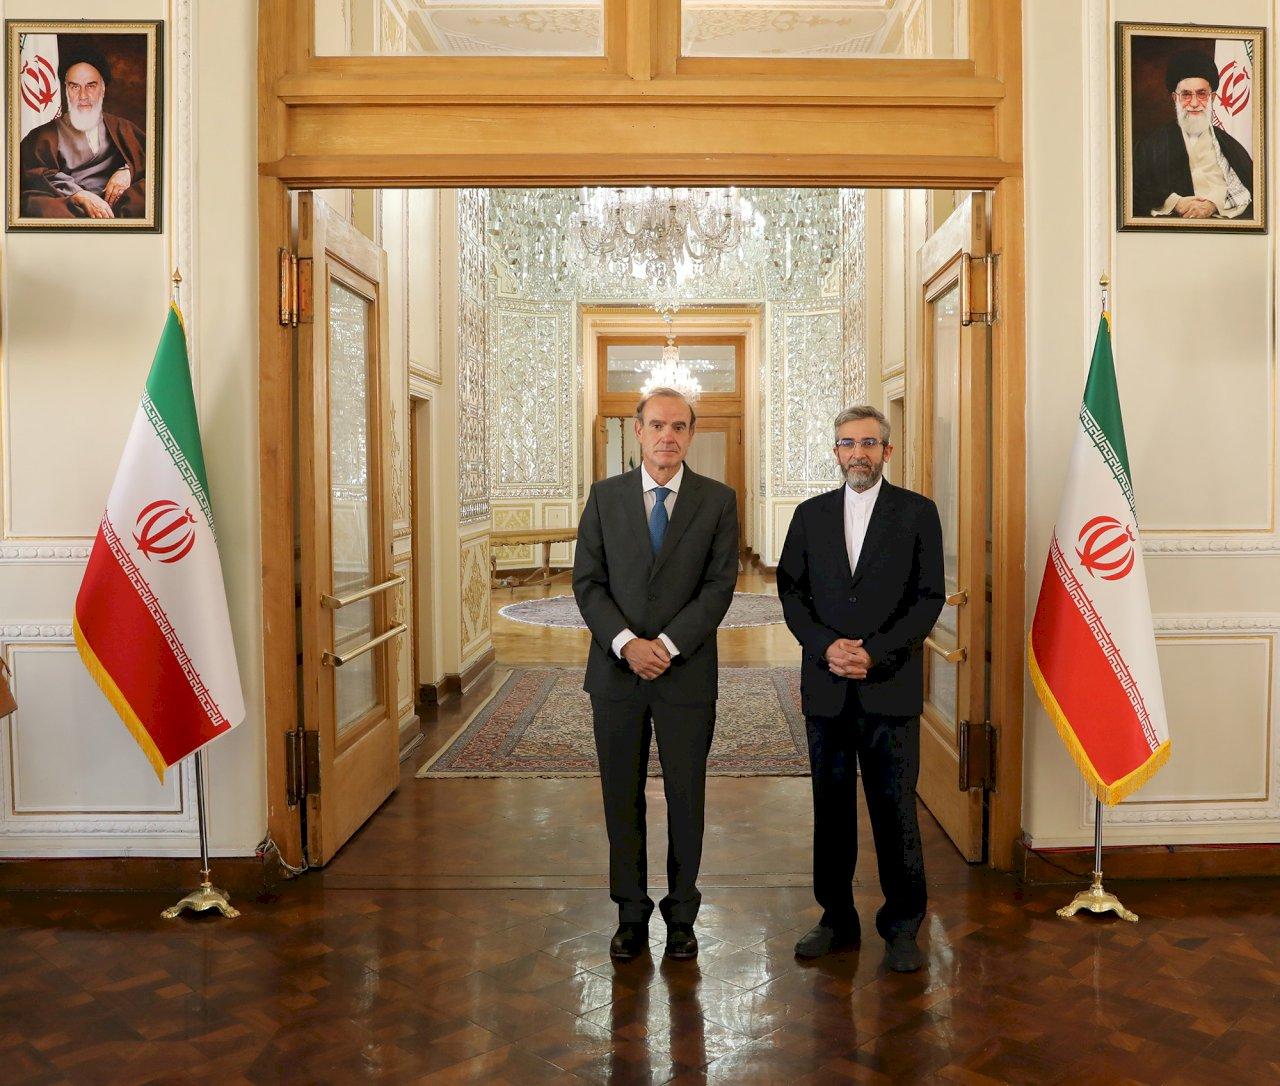 歐盟特使與伊朗副外長會談 聚焦恢復核子協議談判